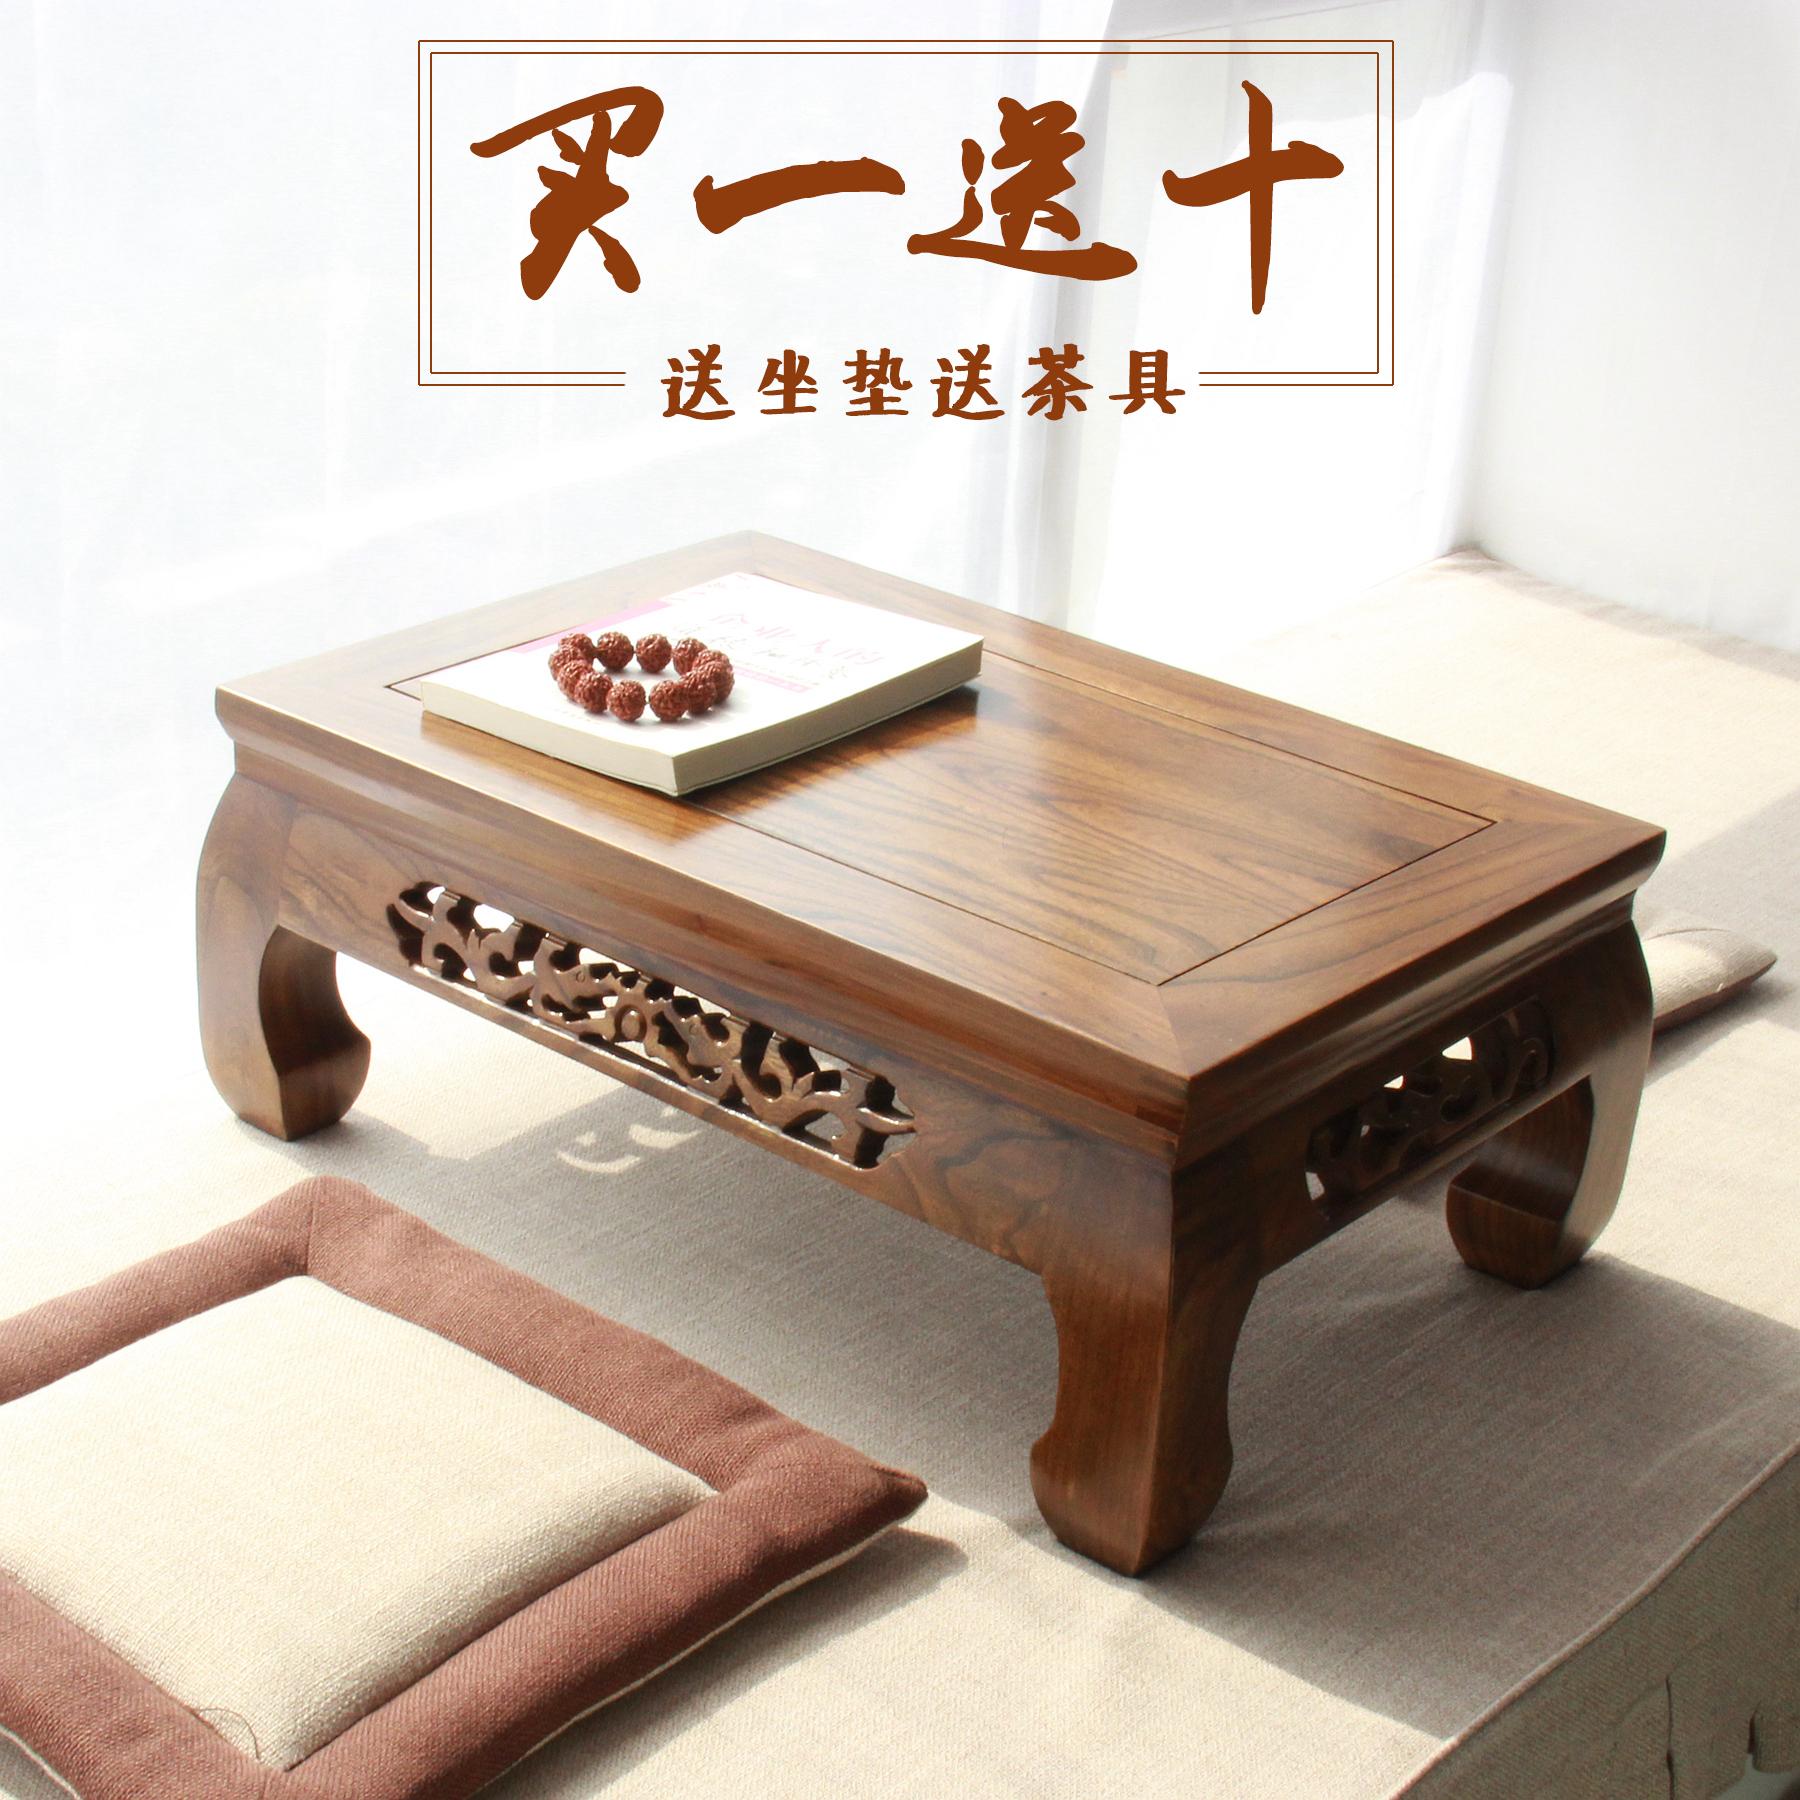 Обеденные столы и стулья в японском стиле Артикул 540529550789